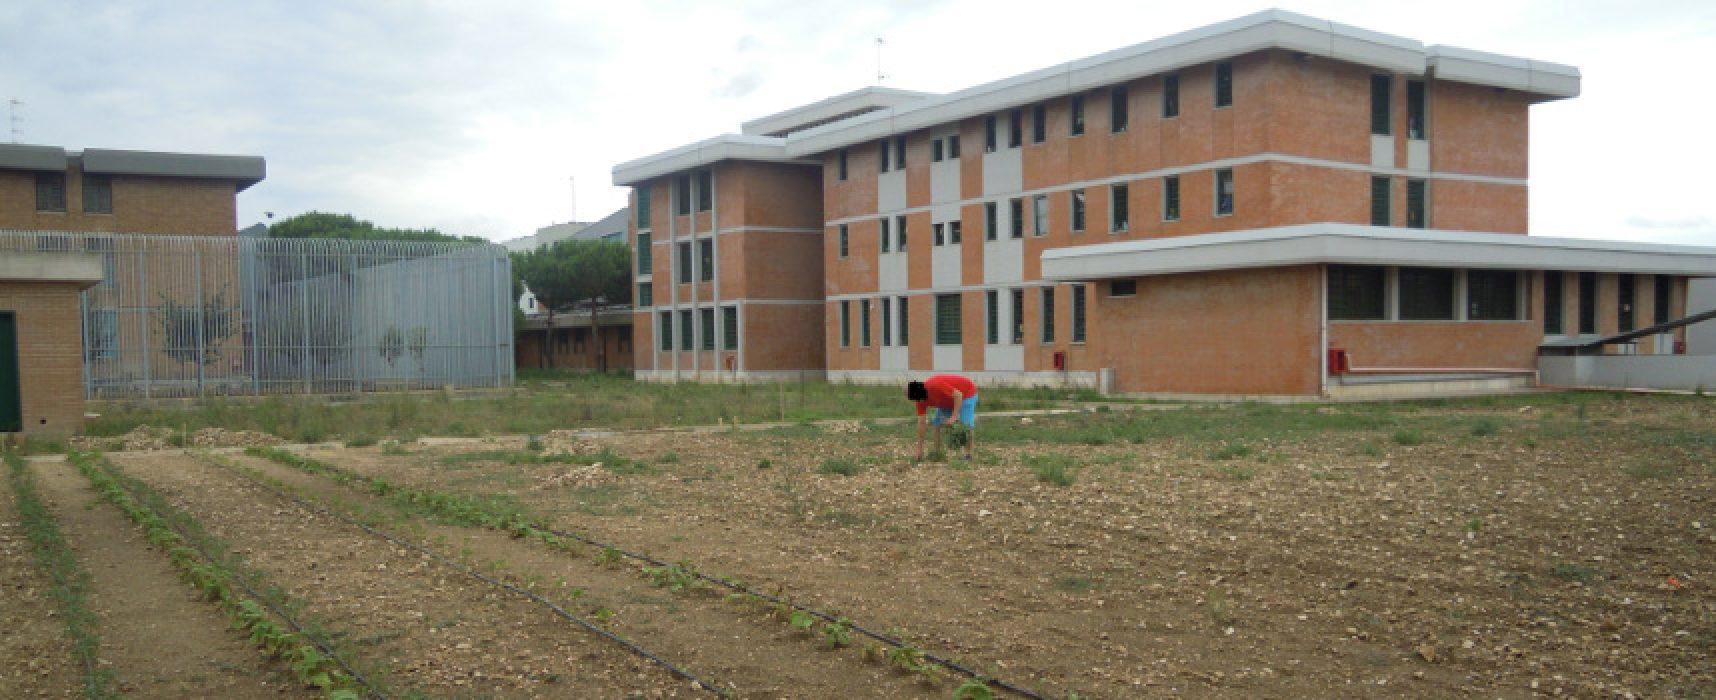 La cooperativa Irsea realizza corso di giardinaggio per i detenuti della Casa circondariale di Trani